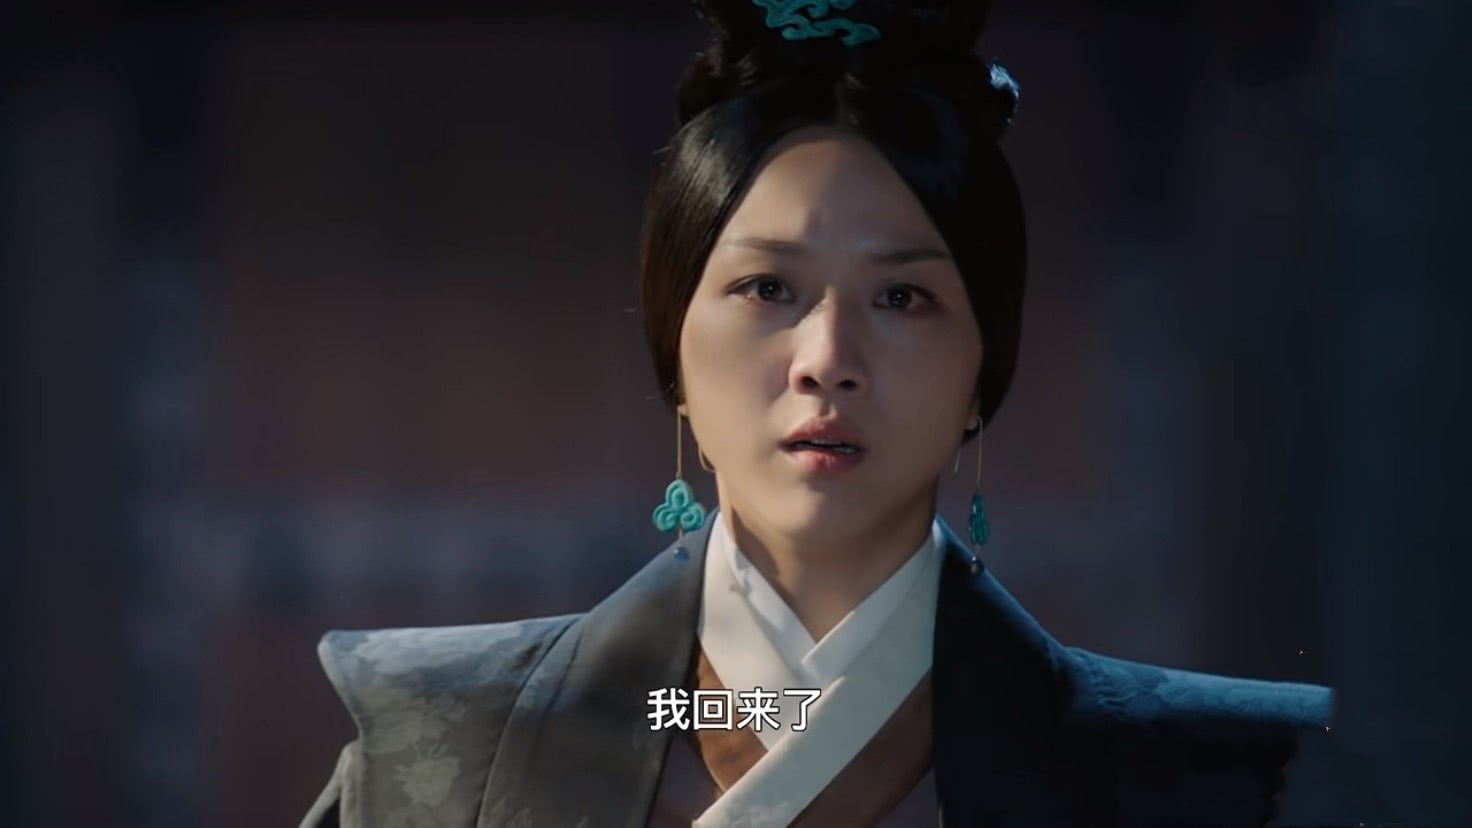 《大明风华》朱祁镇在瓦剌娶妻生子,回来后被朱祁钰软禁,痛失爱妻